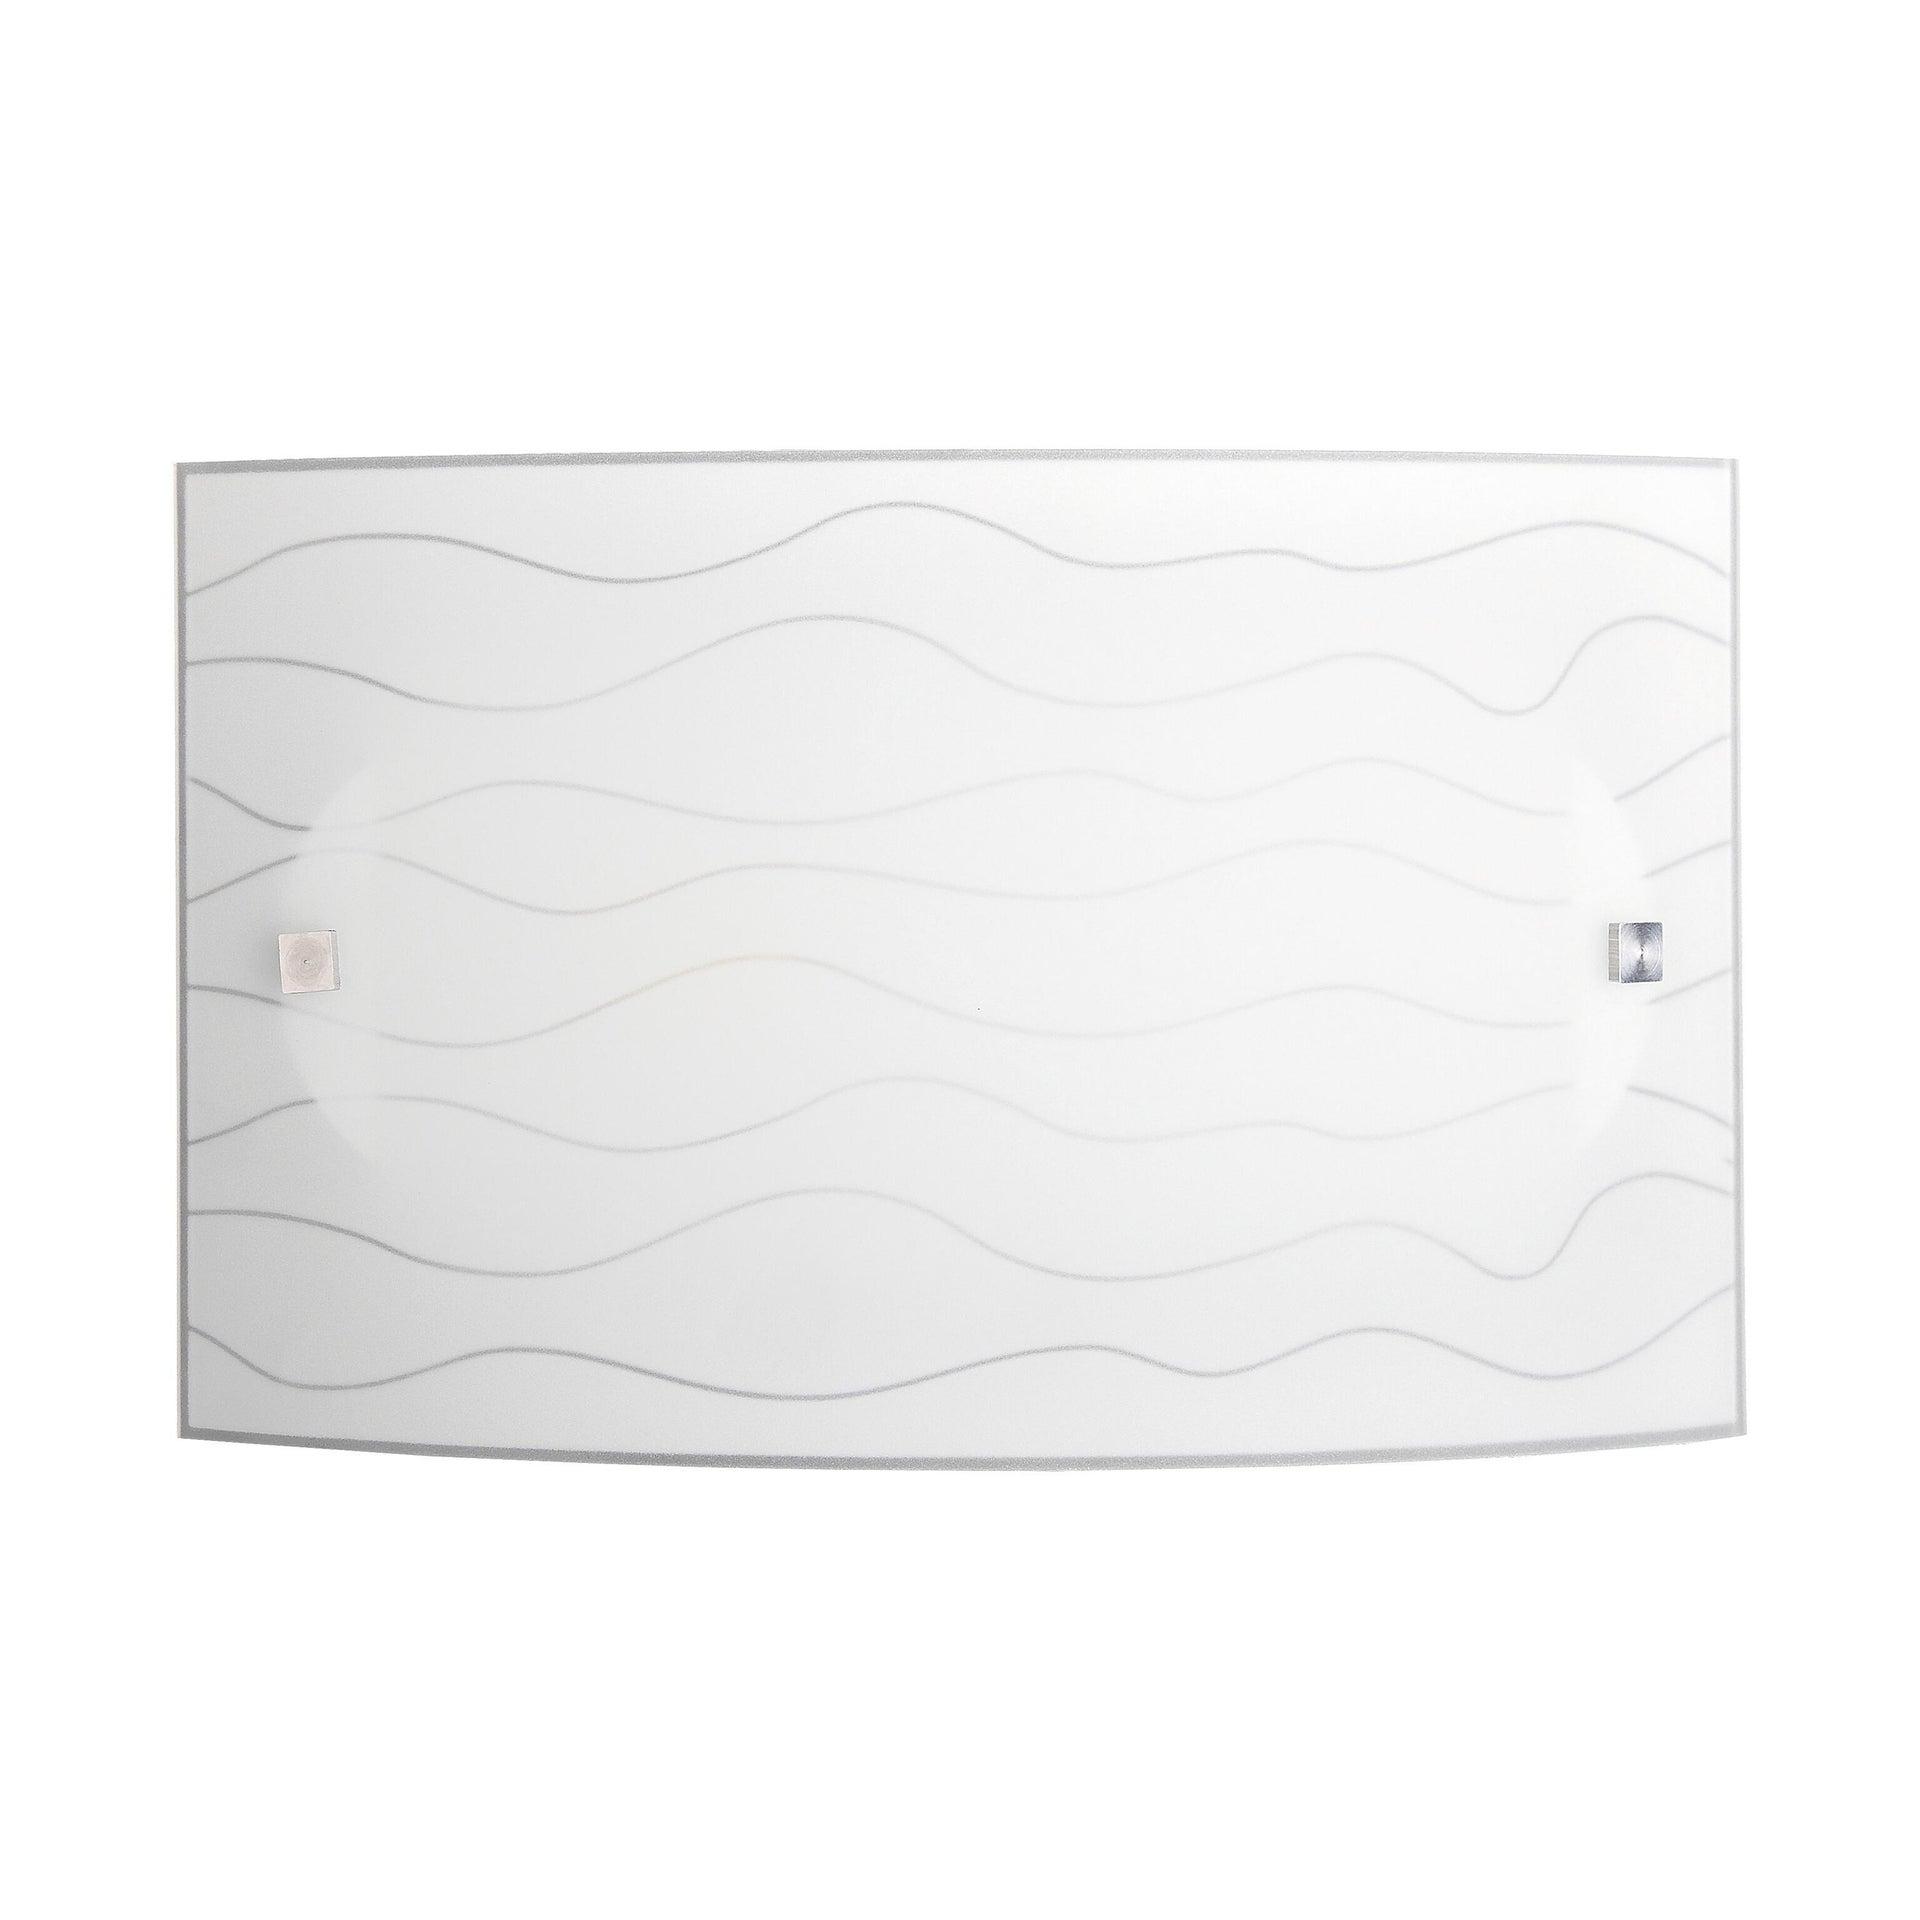 Applique classico Nina bianco, in vetro, 32x20 cm, - 4